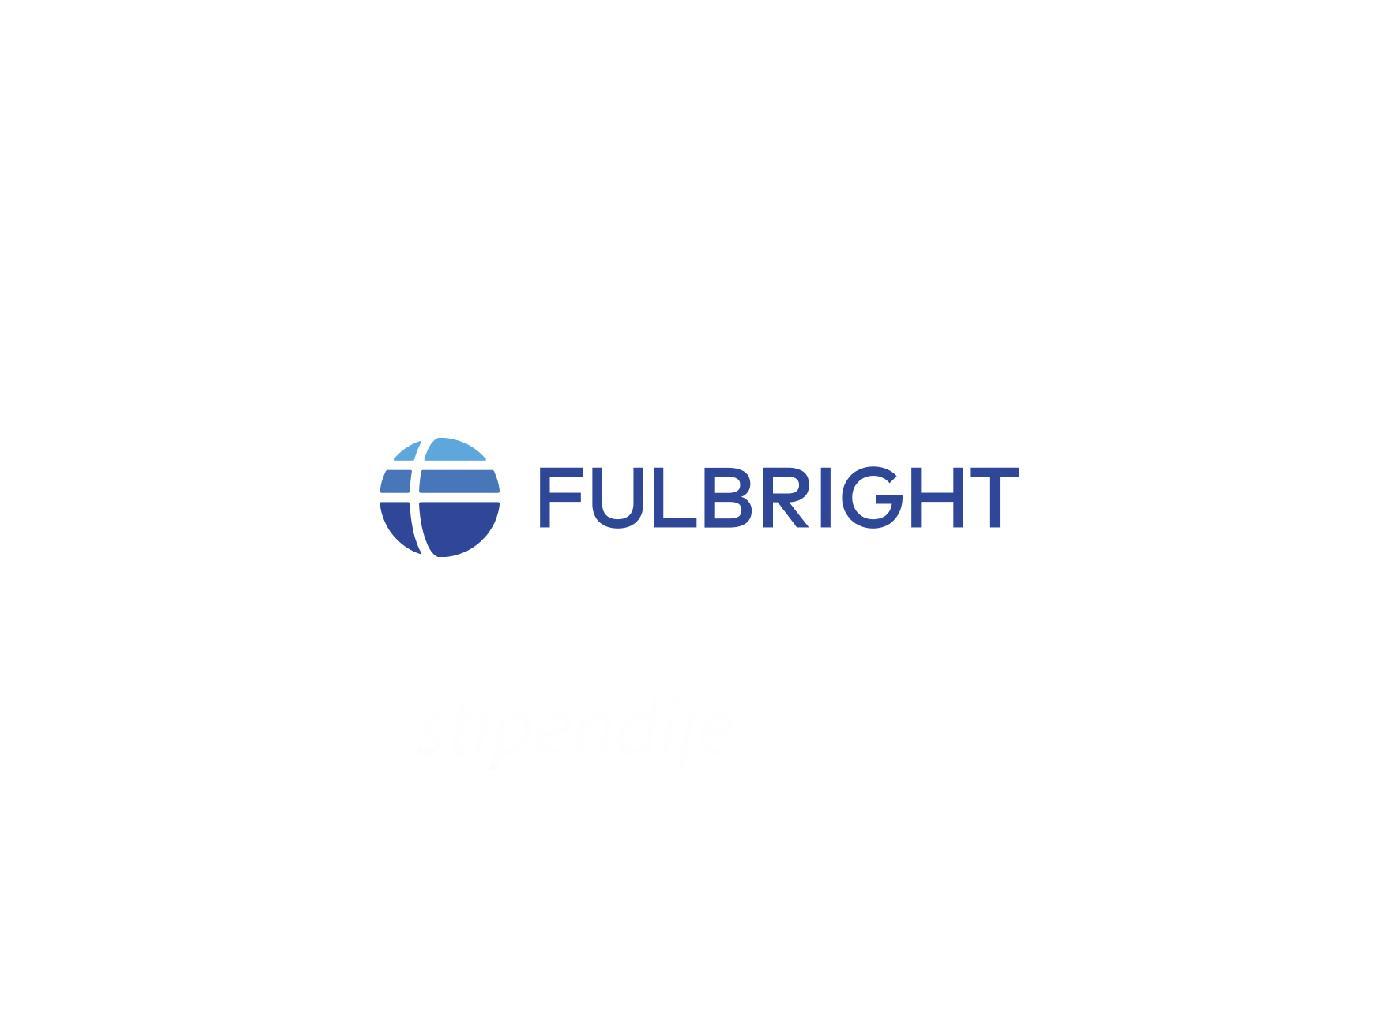 Otvoren poziv za Fulbright Visiting Scholar stipendiju